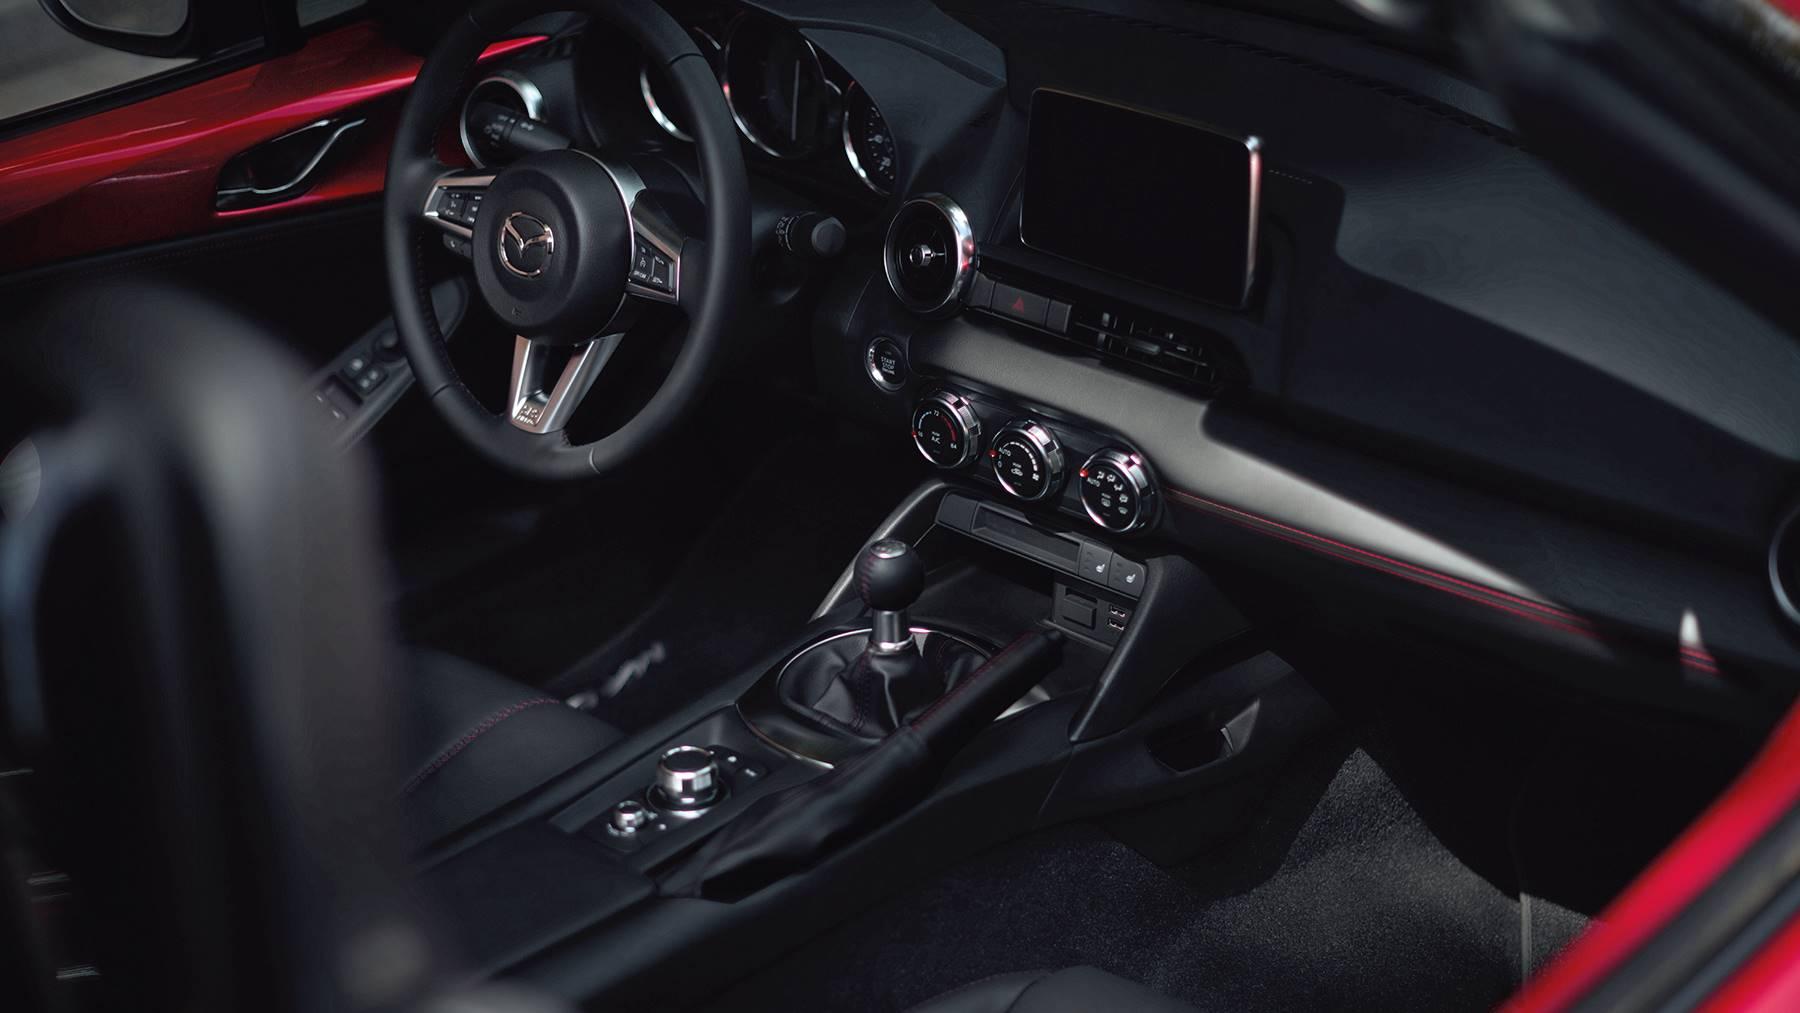 2019 Mazda Mx 5 Miata Dashboard